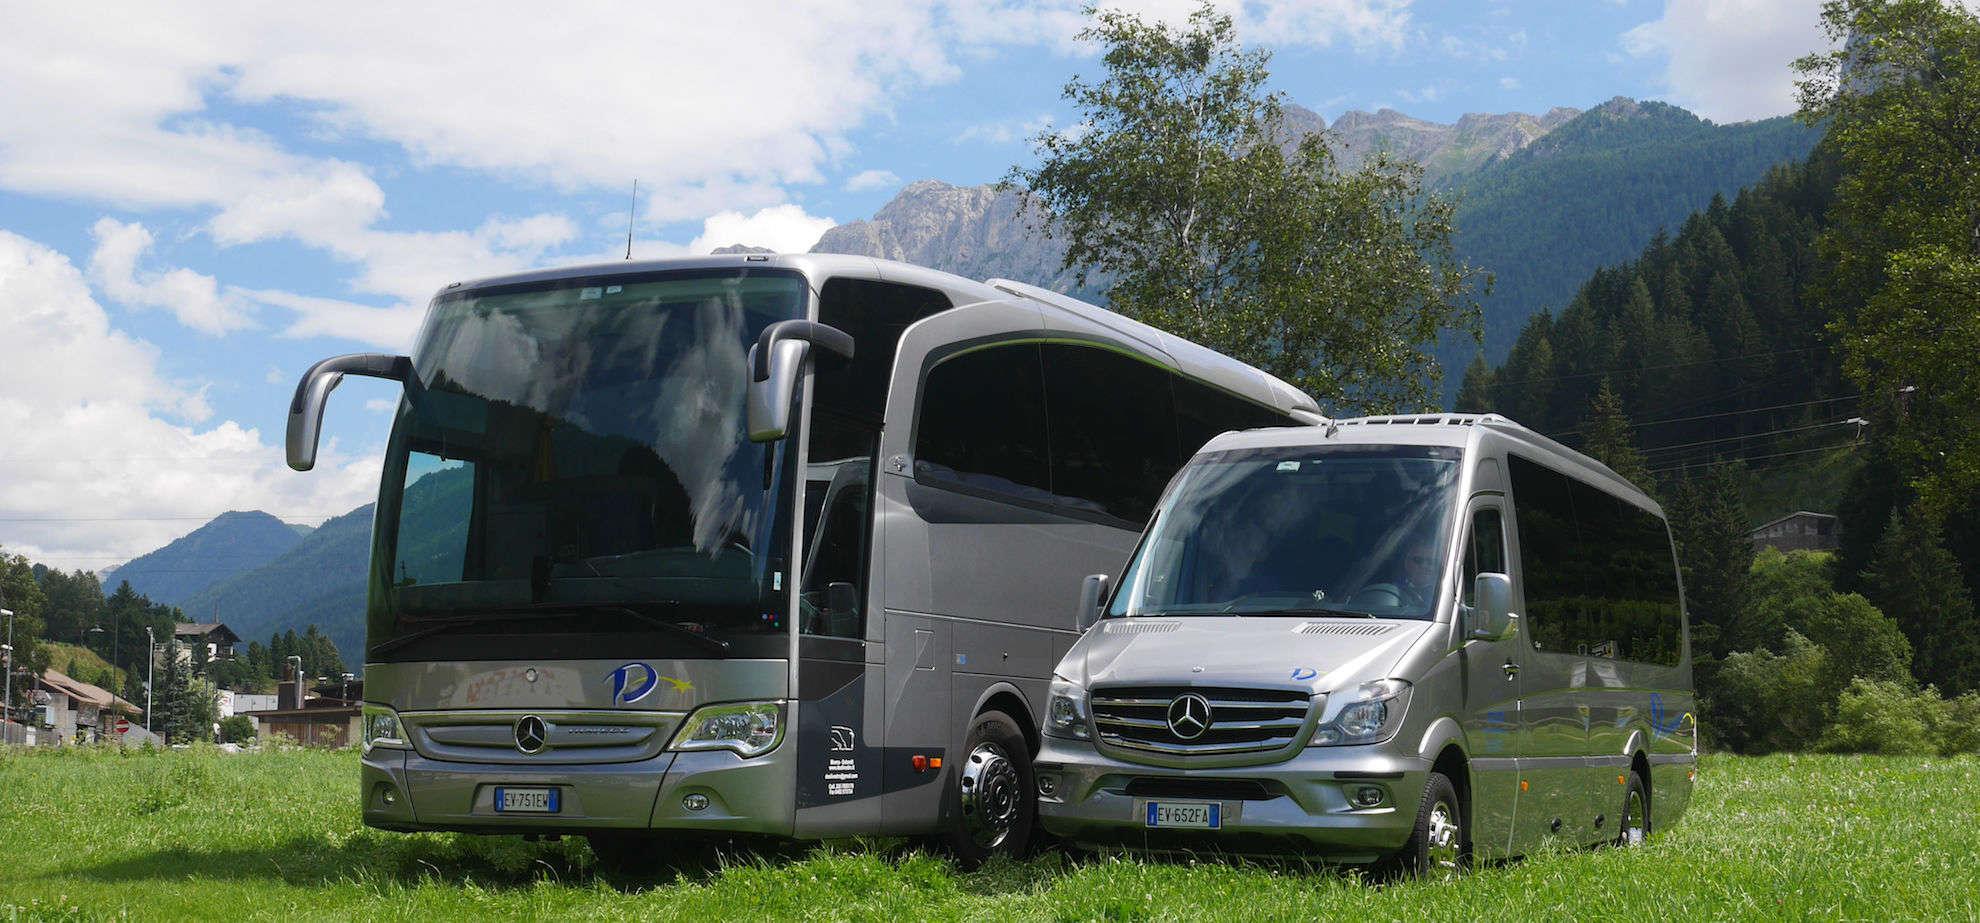 Foto scattata a Moena degli autobus della ditta Desilvestro Taxi e Viaggi, autobus Mercedes-Benz Travego e Capri